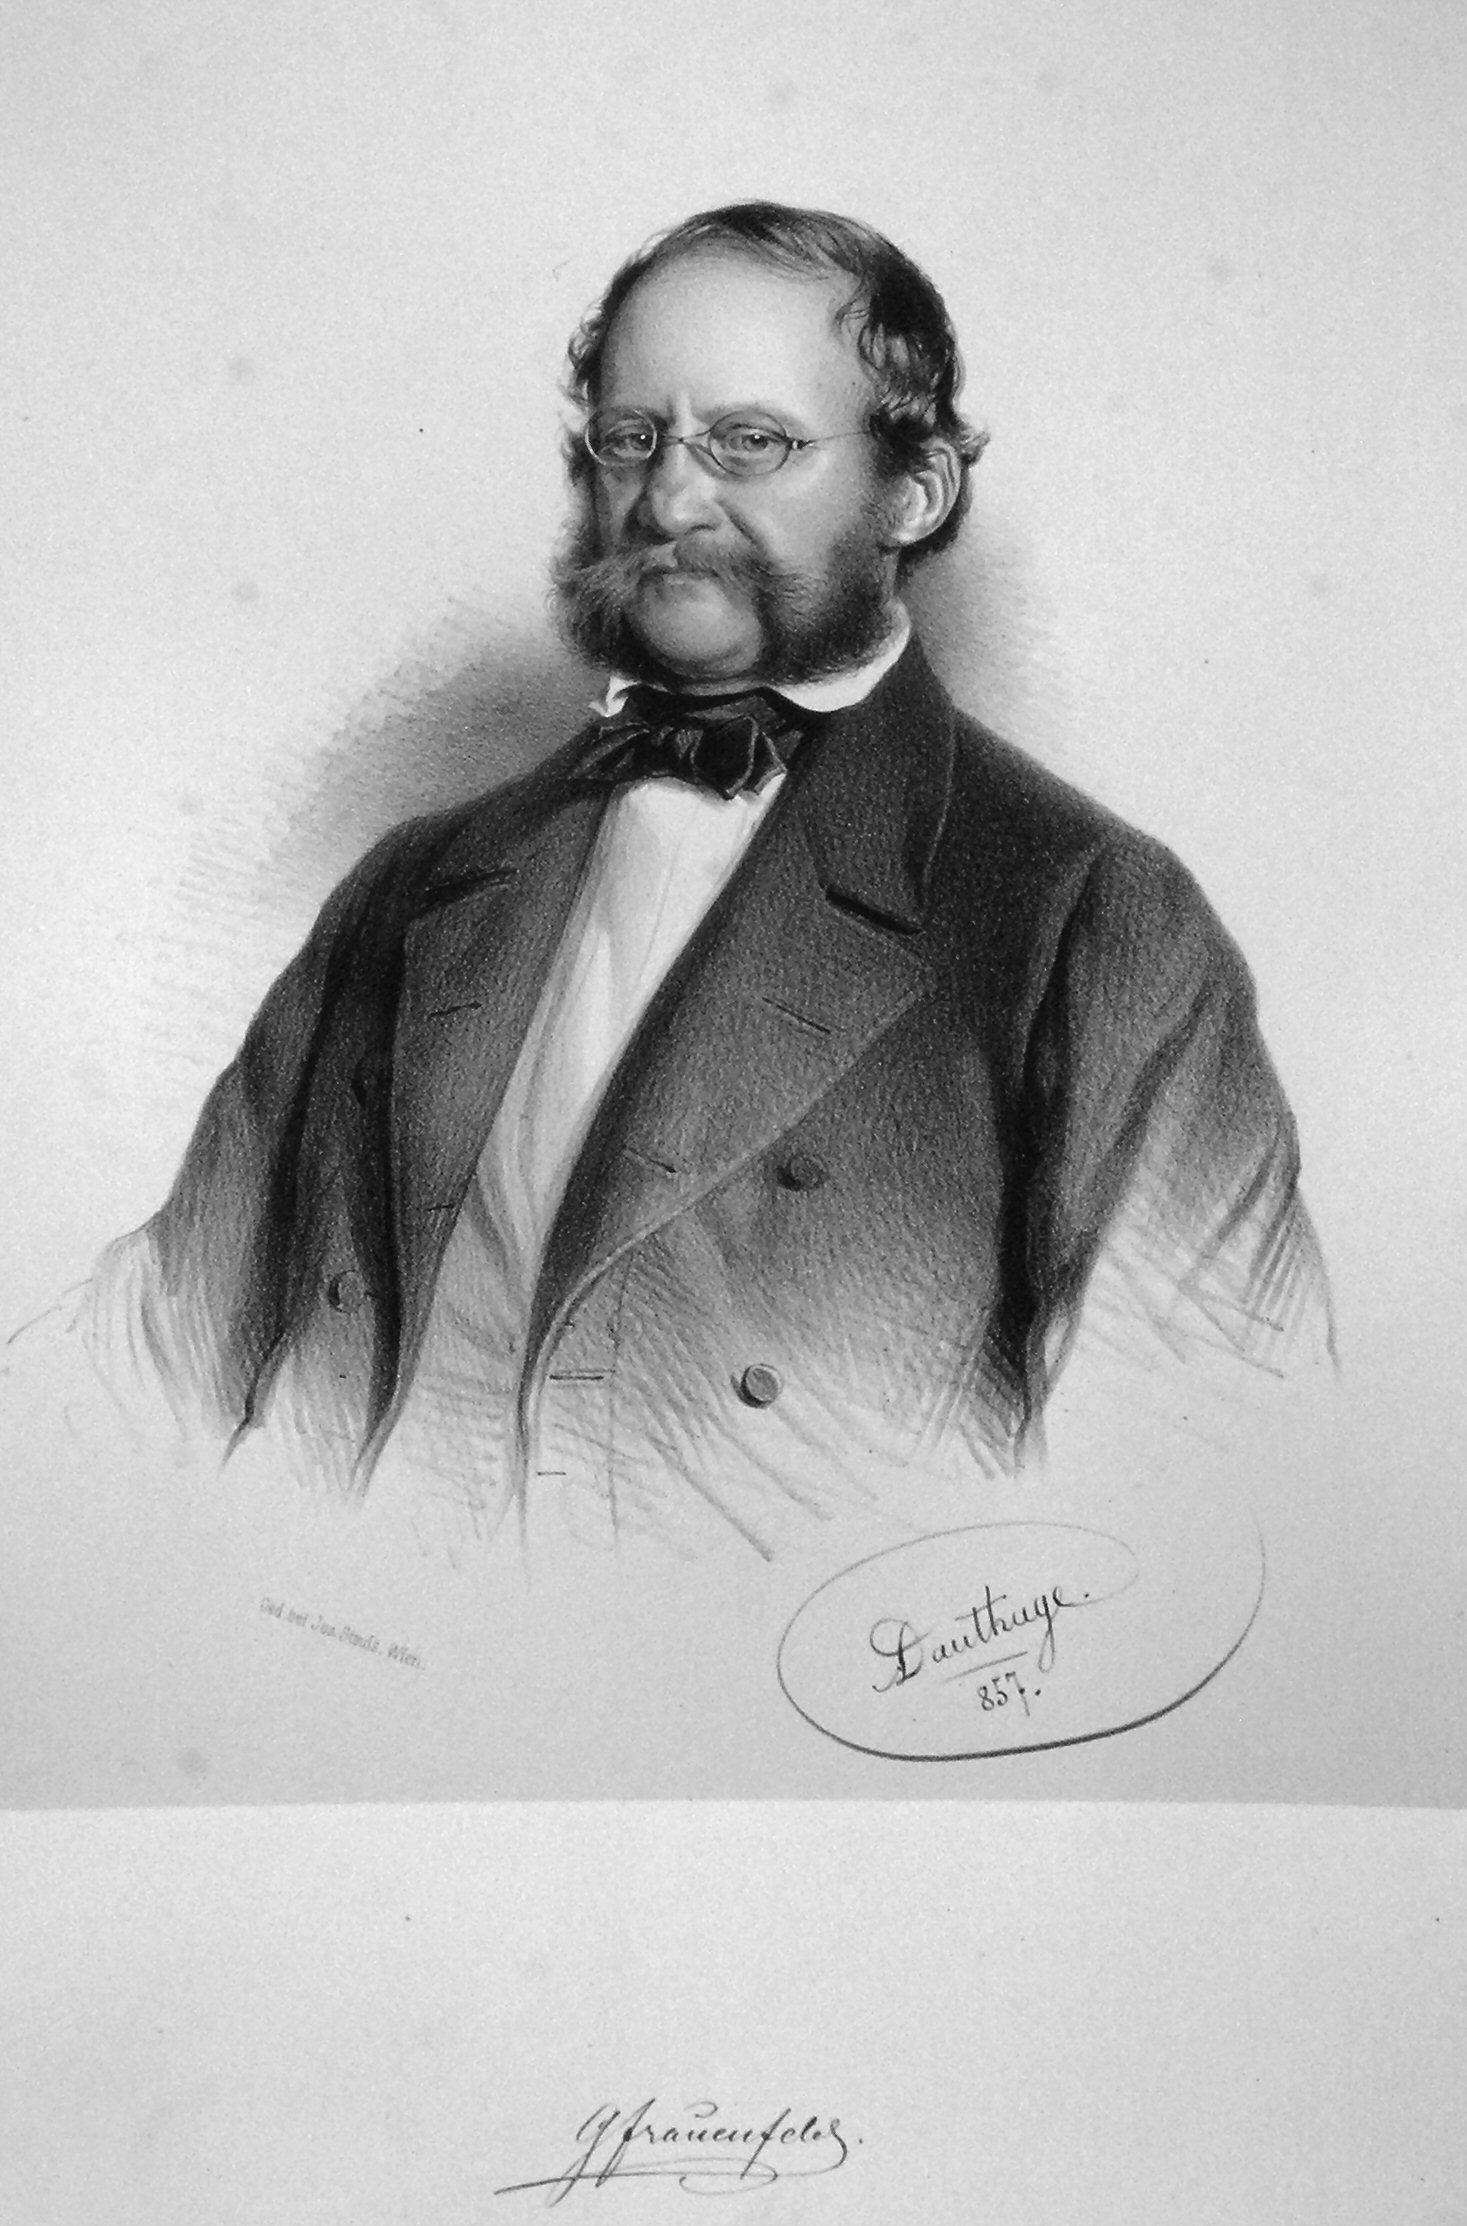 Georg von Frauenfeld, 1857